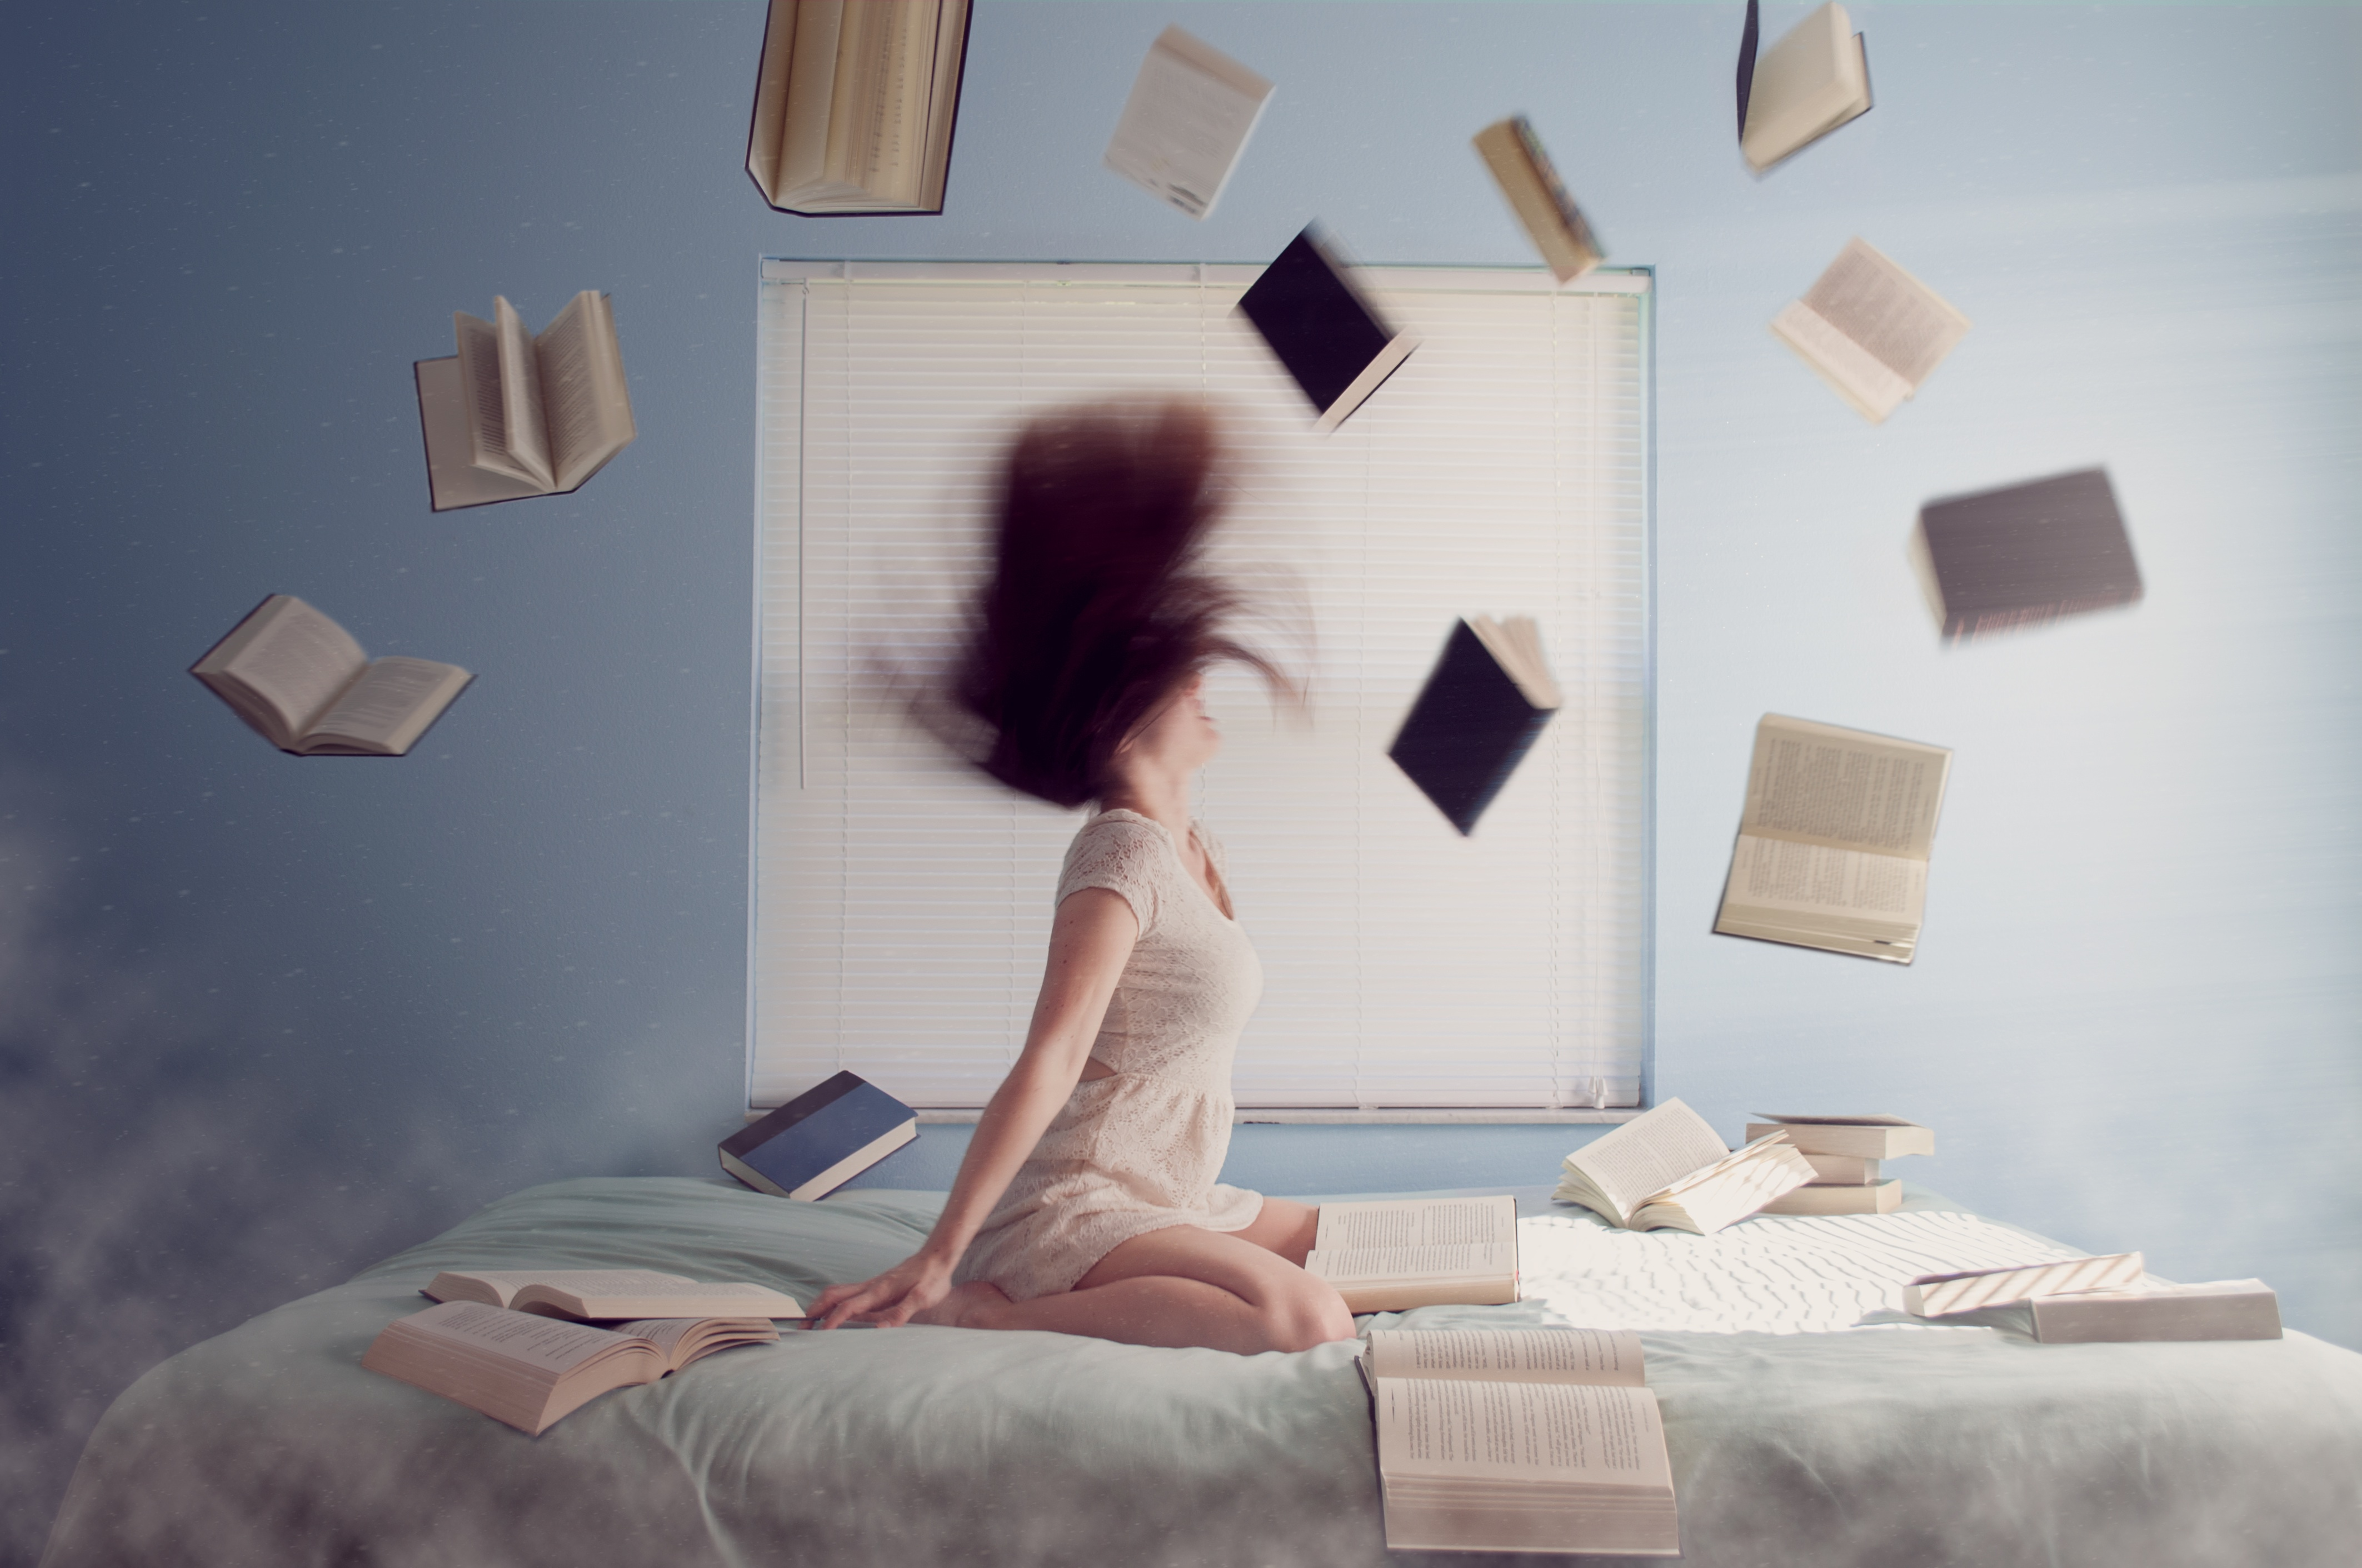 Ritroviamo sempre dei nostri pensieri nei libri